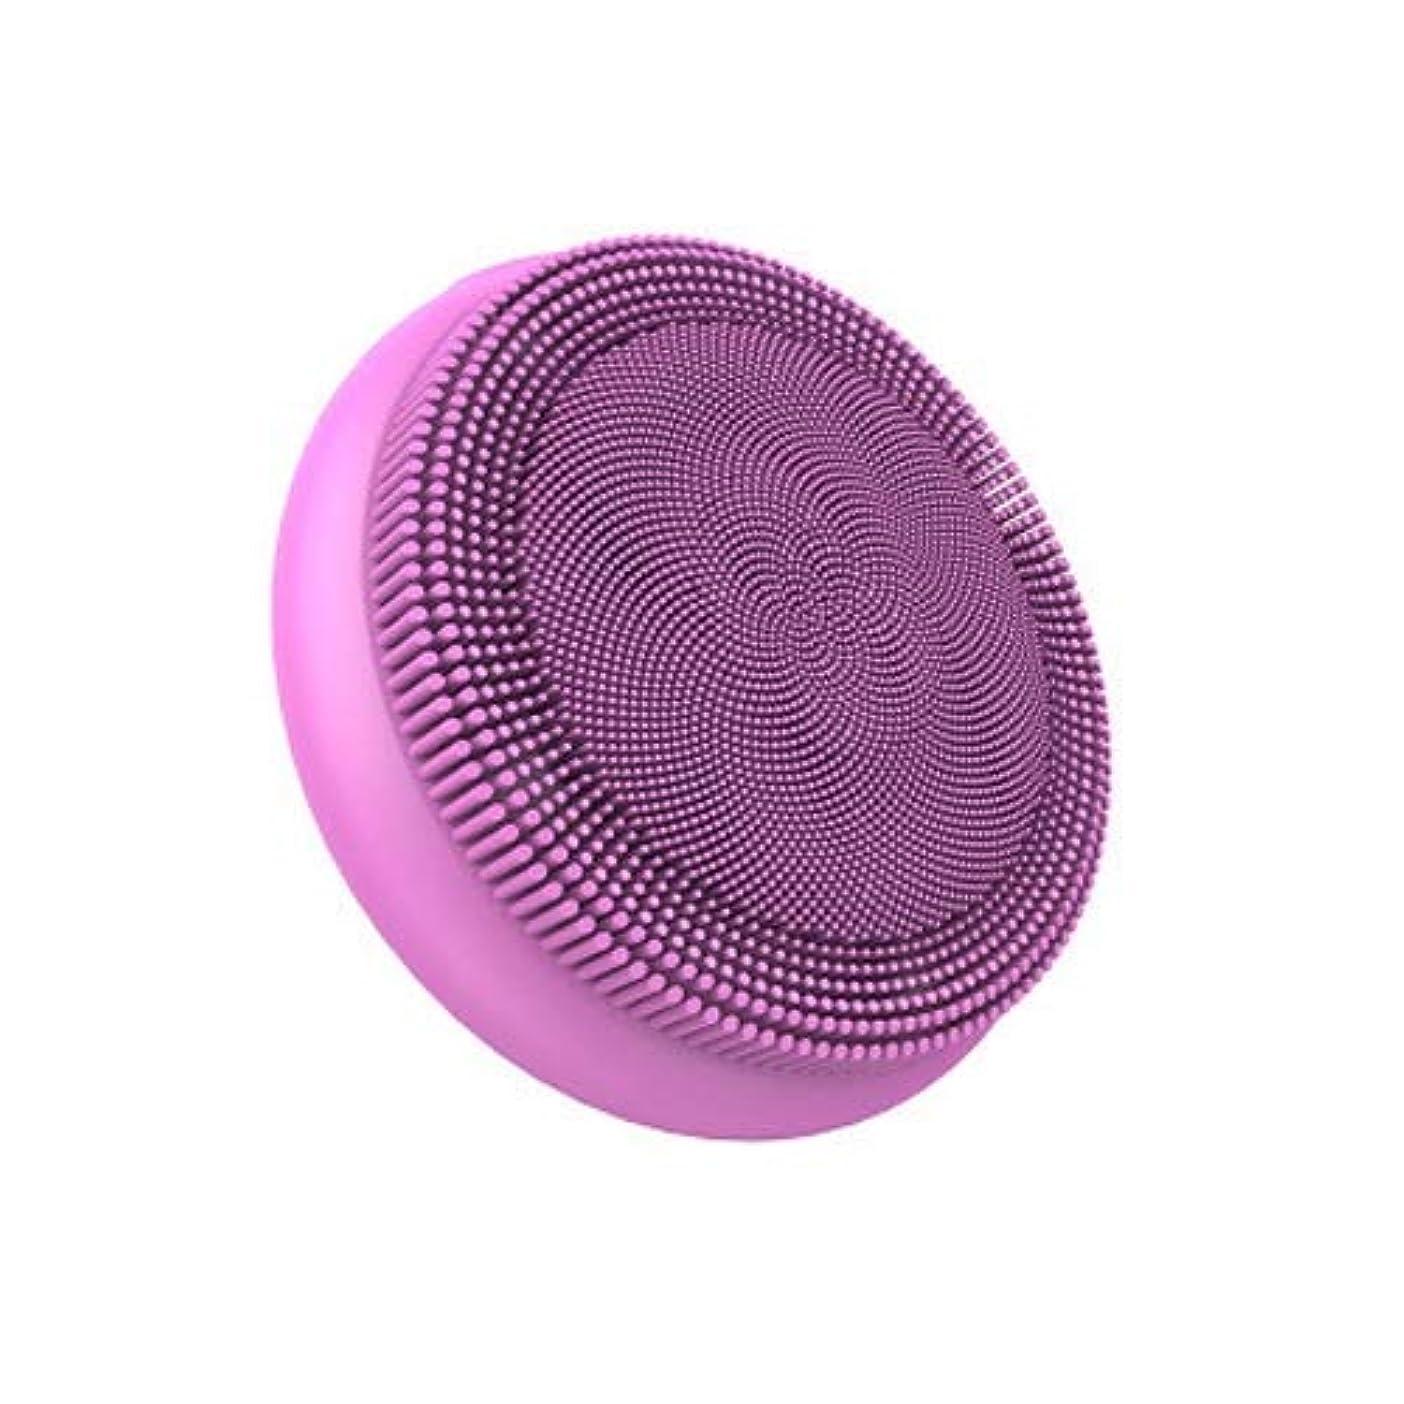 ポルティコ納得させる送ったLYX エレクトリックシリコーンソニッククレンジングブラシ、ブラックヘッドクレンジングバックル付き機器およびUSB、エクスフォリエイティング、ディープクリーニングツール (Color : ピンク)